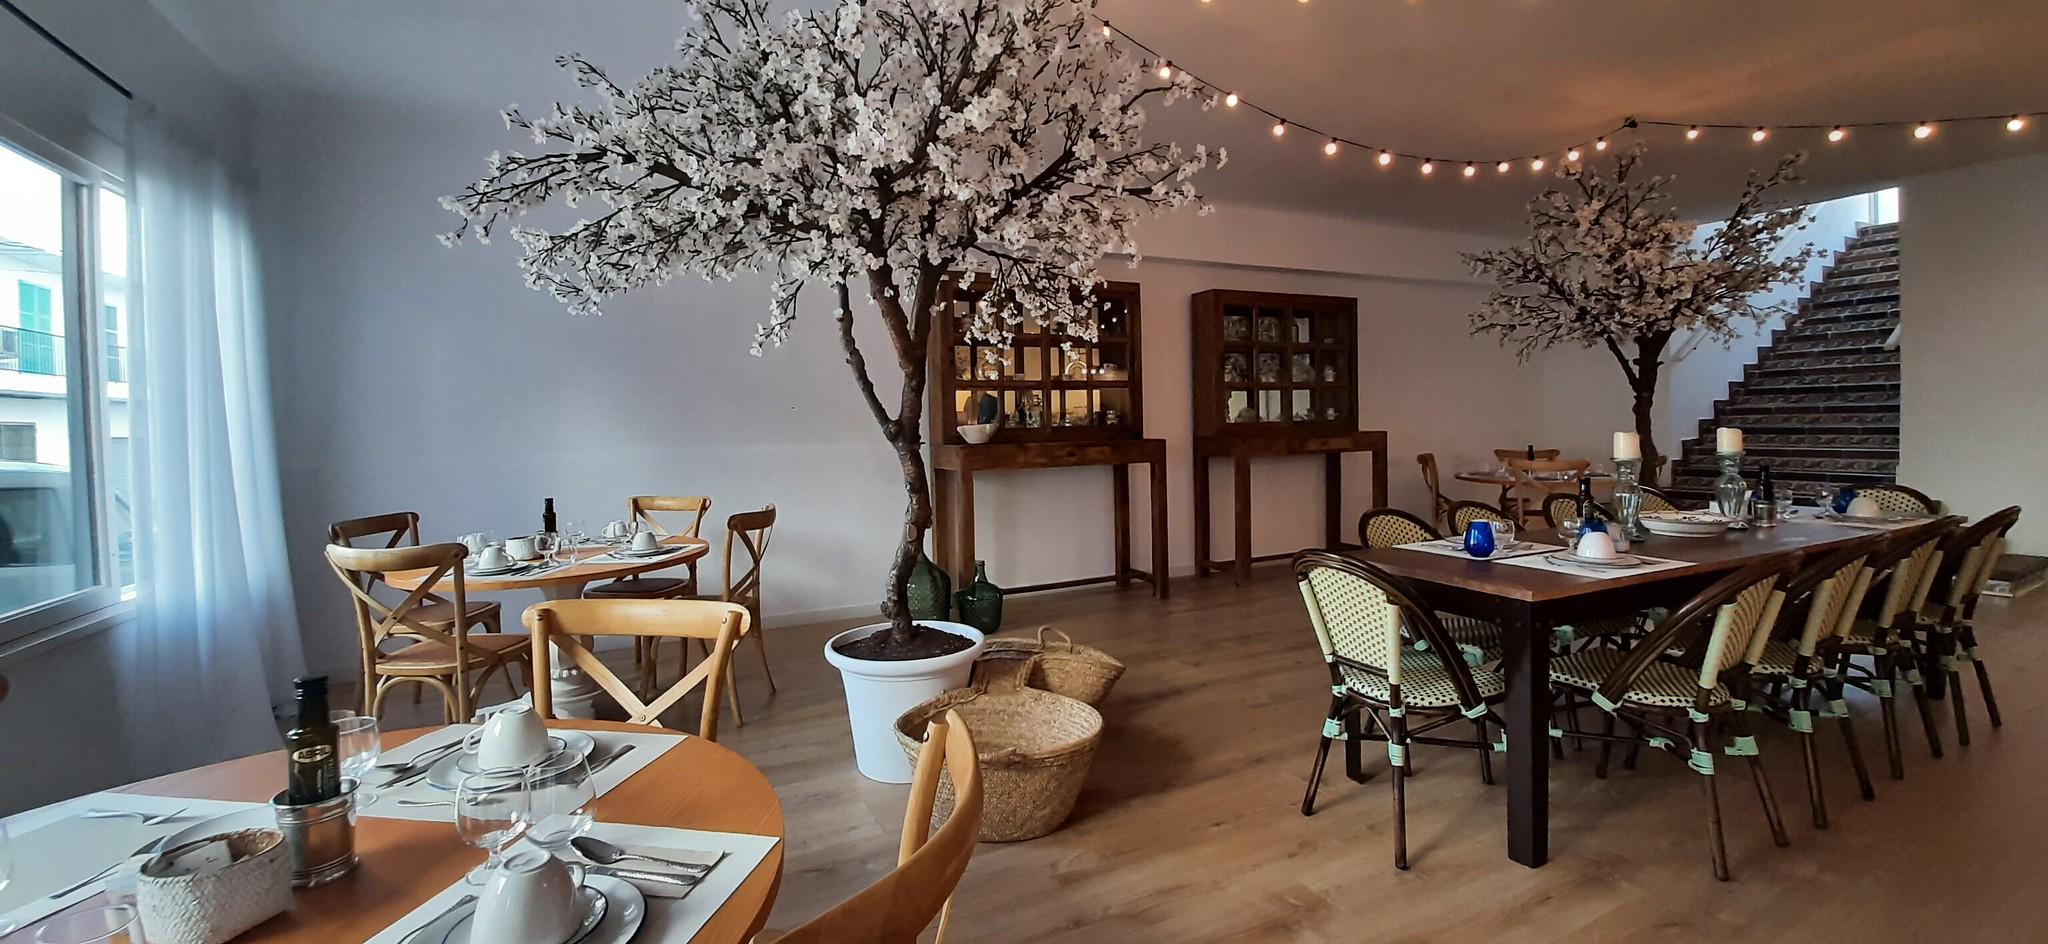 Serie habitaciones de hotel: Can Beia Boutique Hotel, Sant Antoni, Ibiza, 26 de mayo 2021